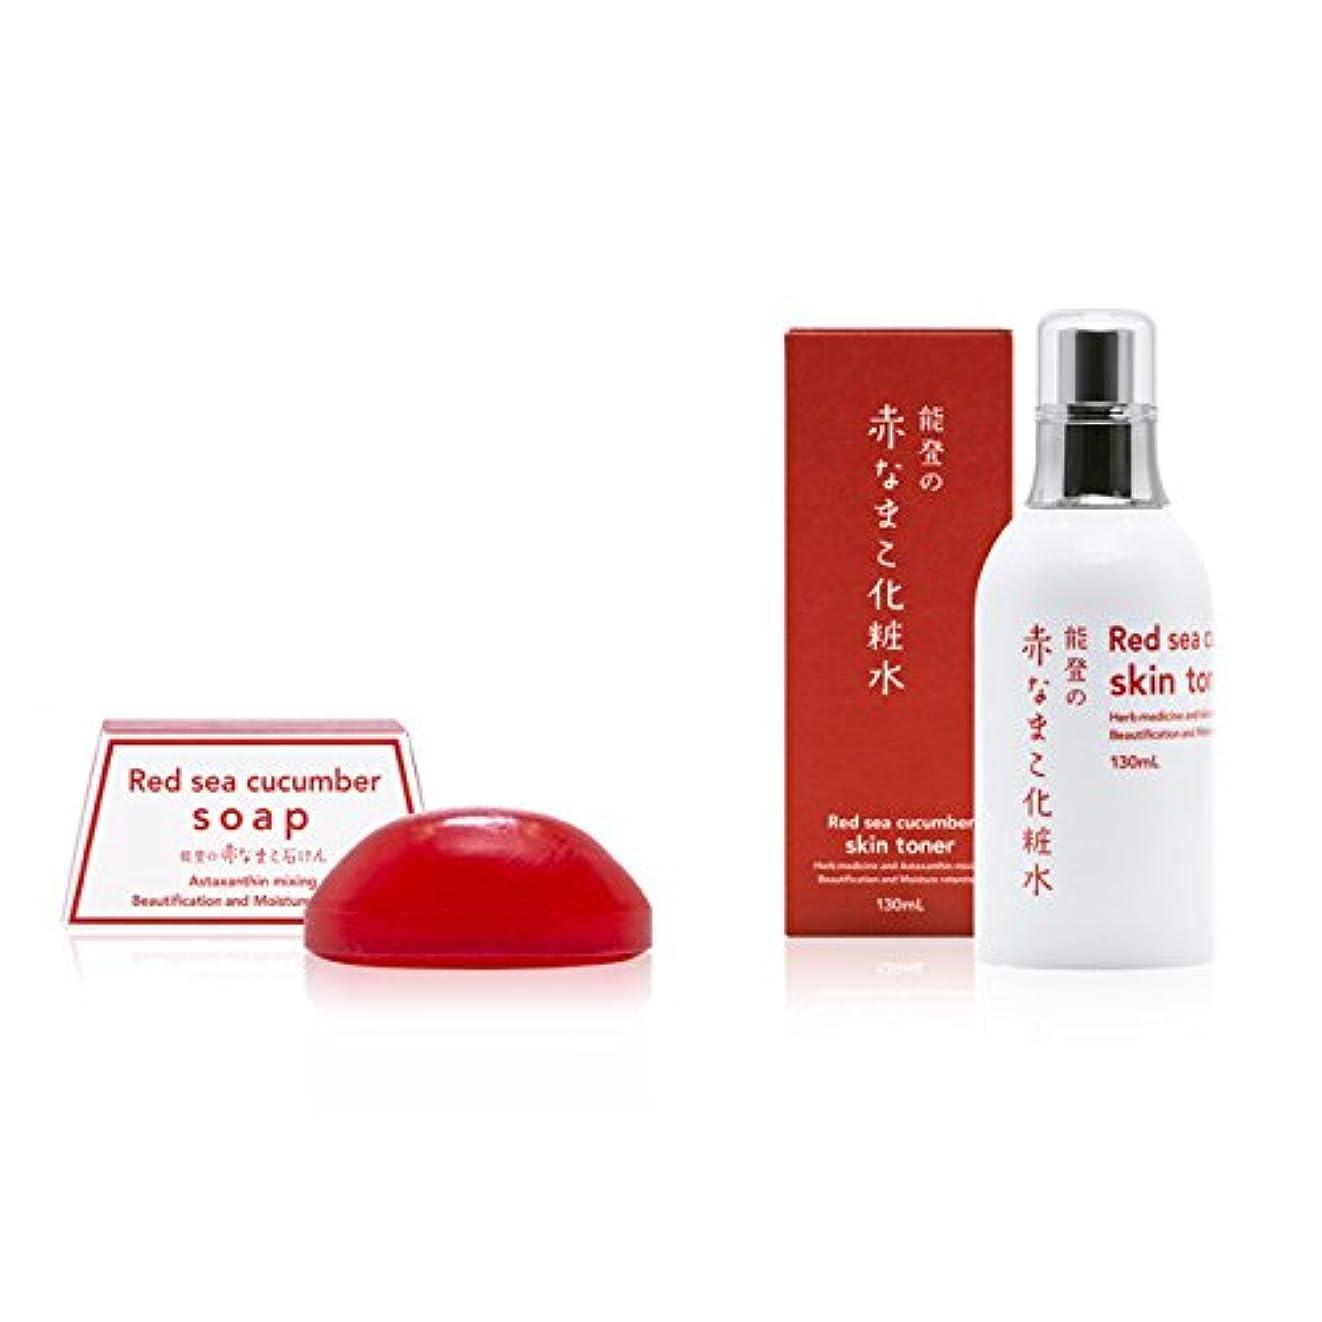 コスチュームスパイラルエクスタシー能登の赤なまこ石けん&能登の赤なまこ化粧水セット